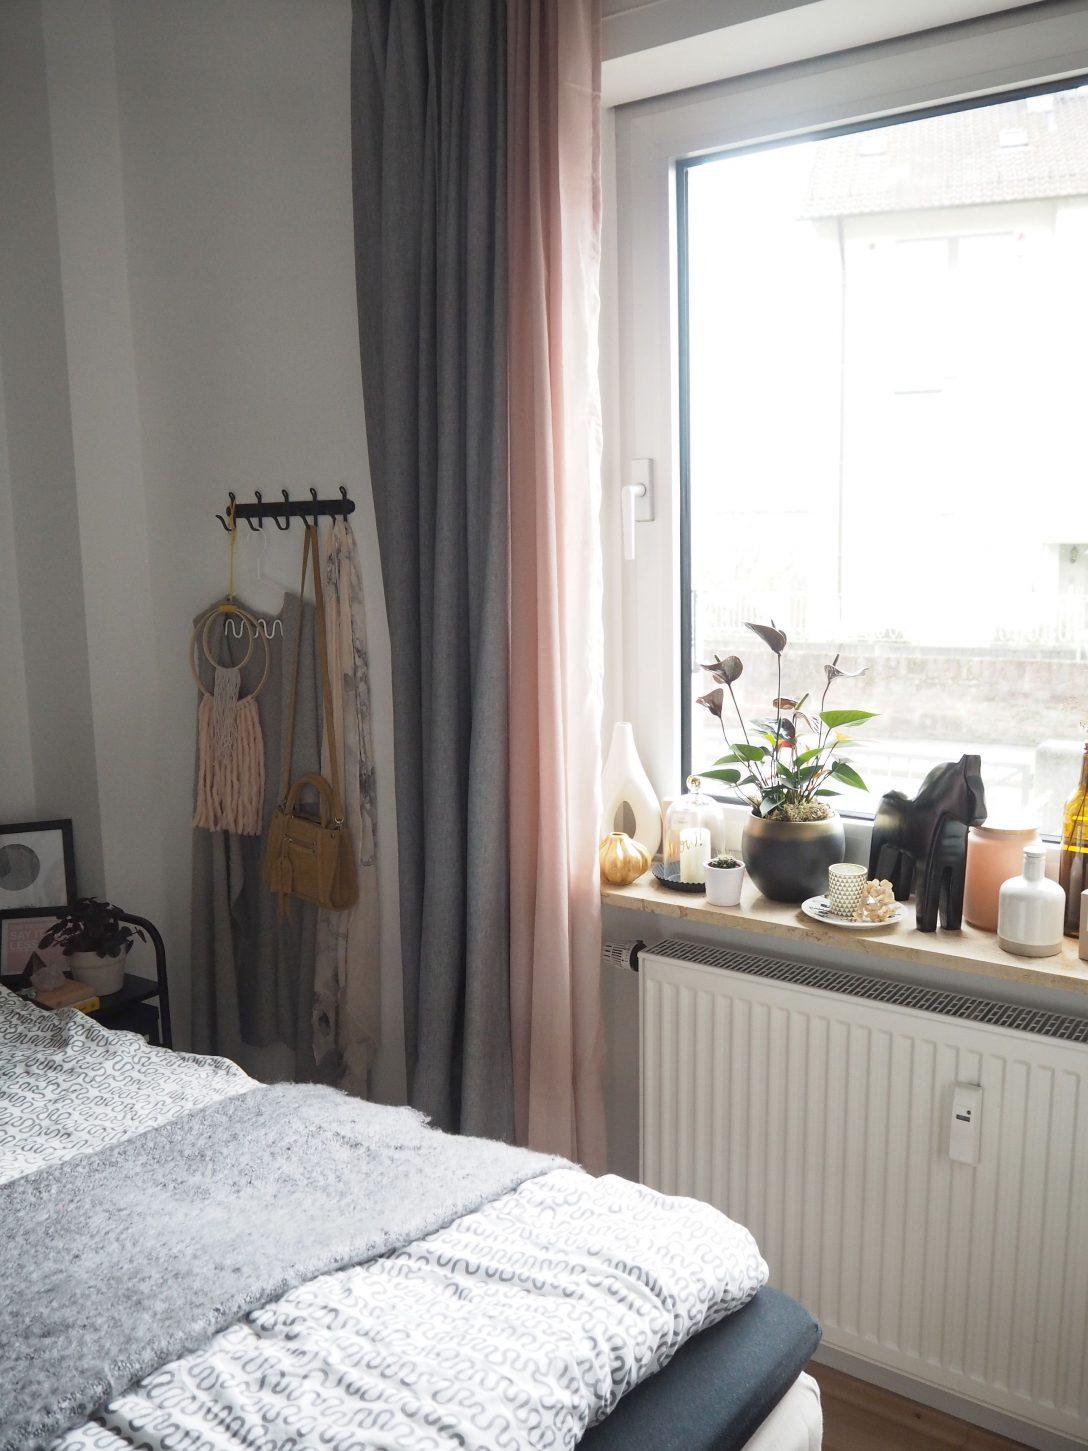 Large Size of Interior Schlafzimmer Deko Fr Fensterbank Skn Och Kreativ Wohnzimmer Dekoration Wanddeko Küche Badezimmer Für Wohnzimmer Deko Fensterbank